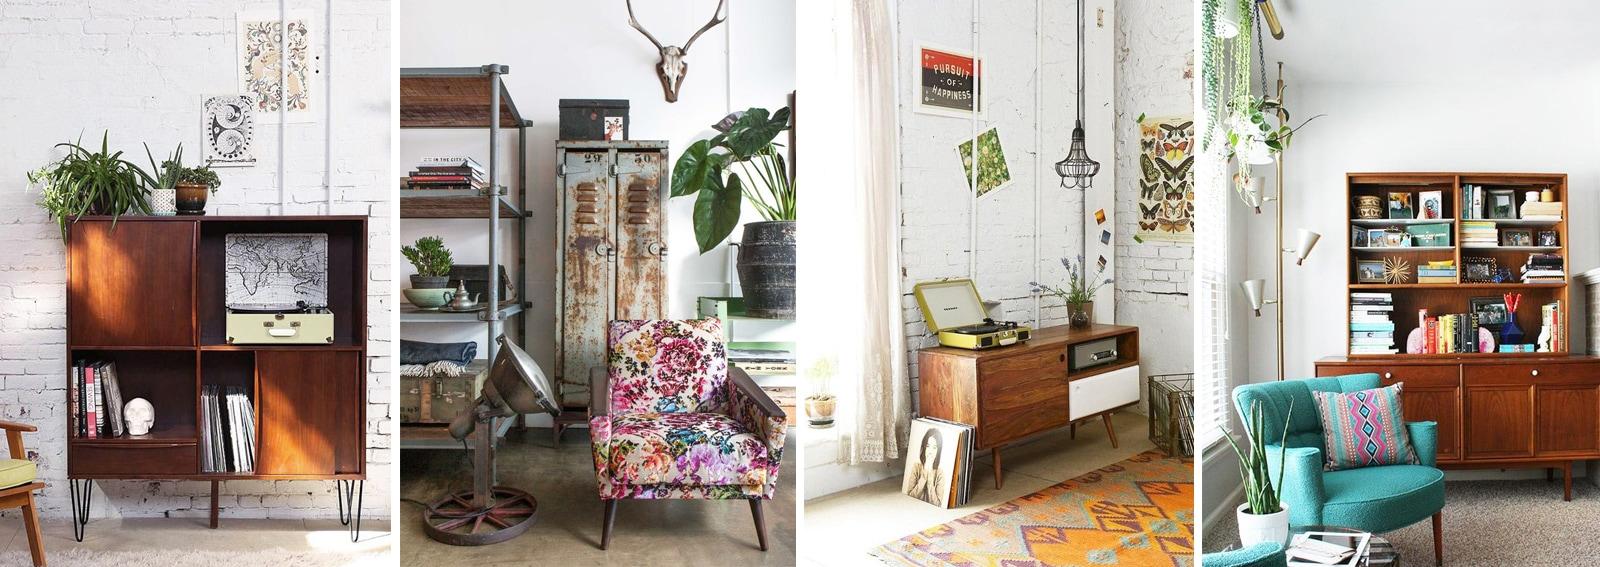 Come arredare la casa in stile vintage 10 consigli da for Arredare casa consigli